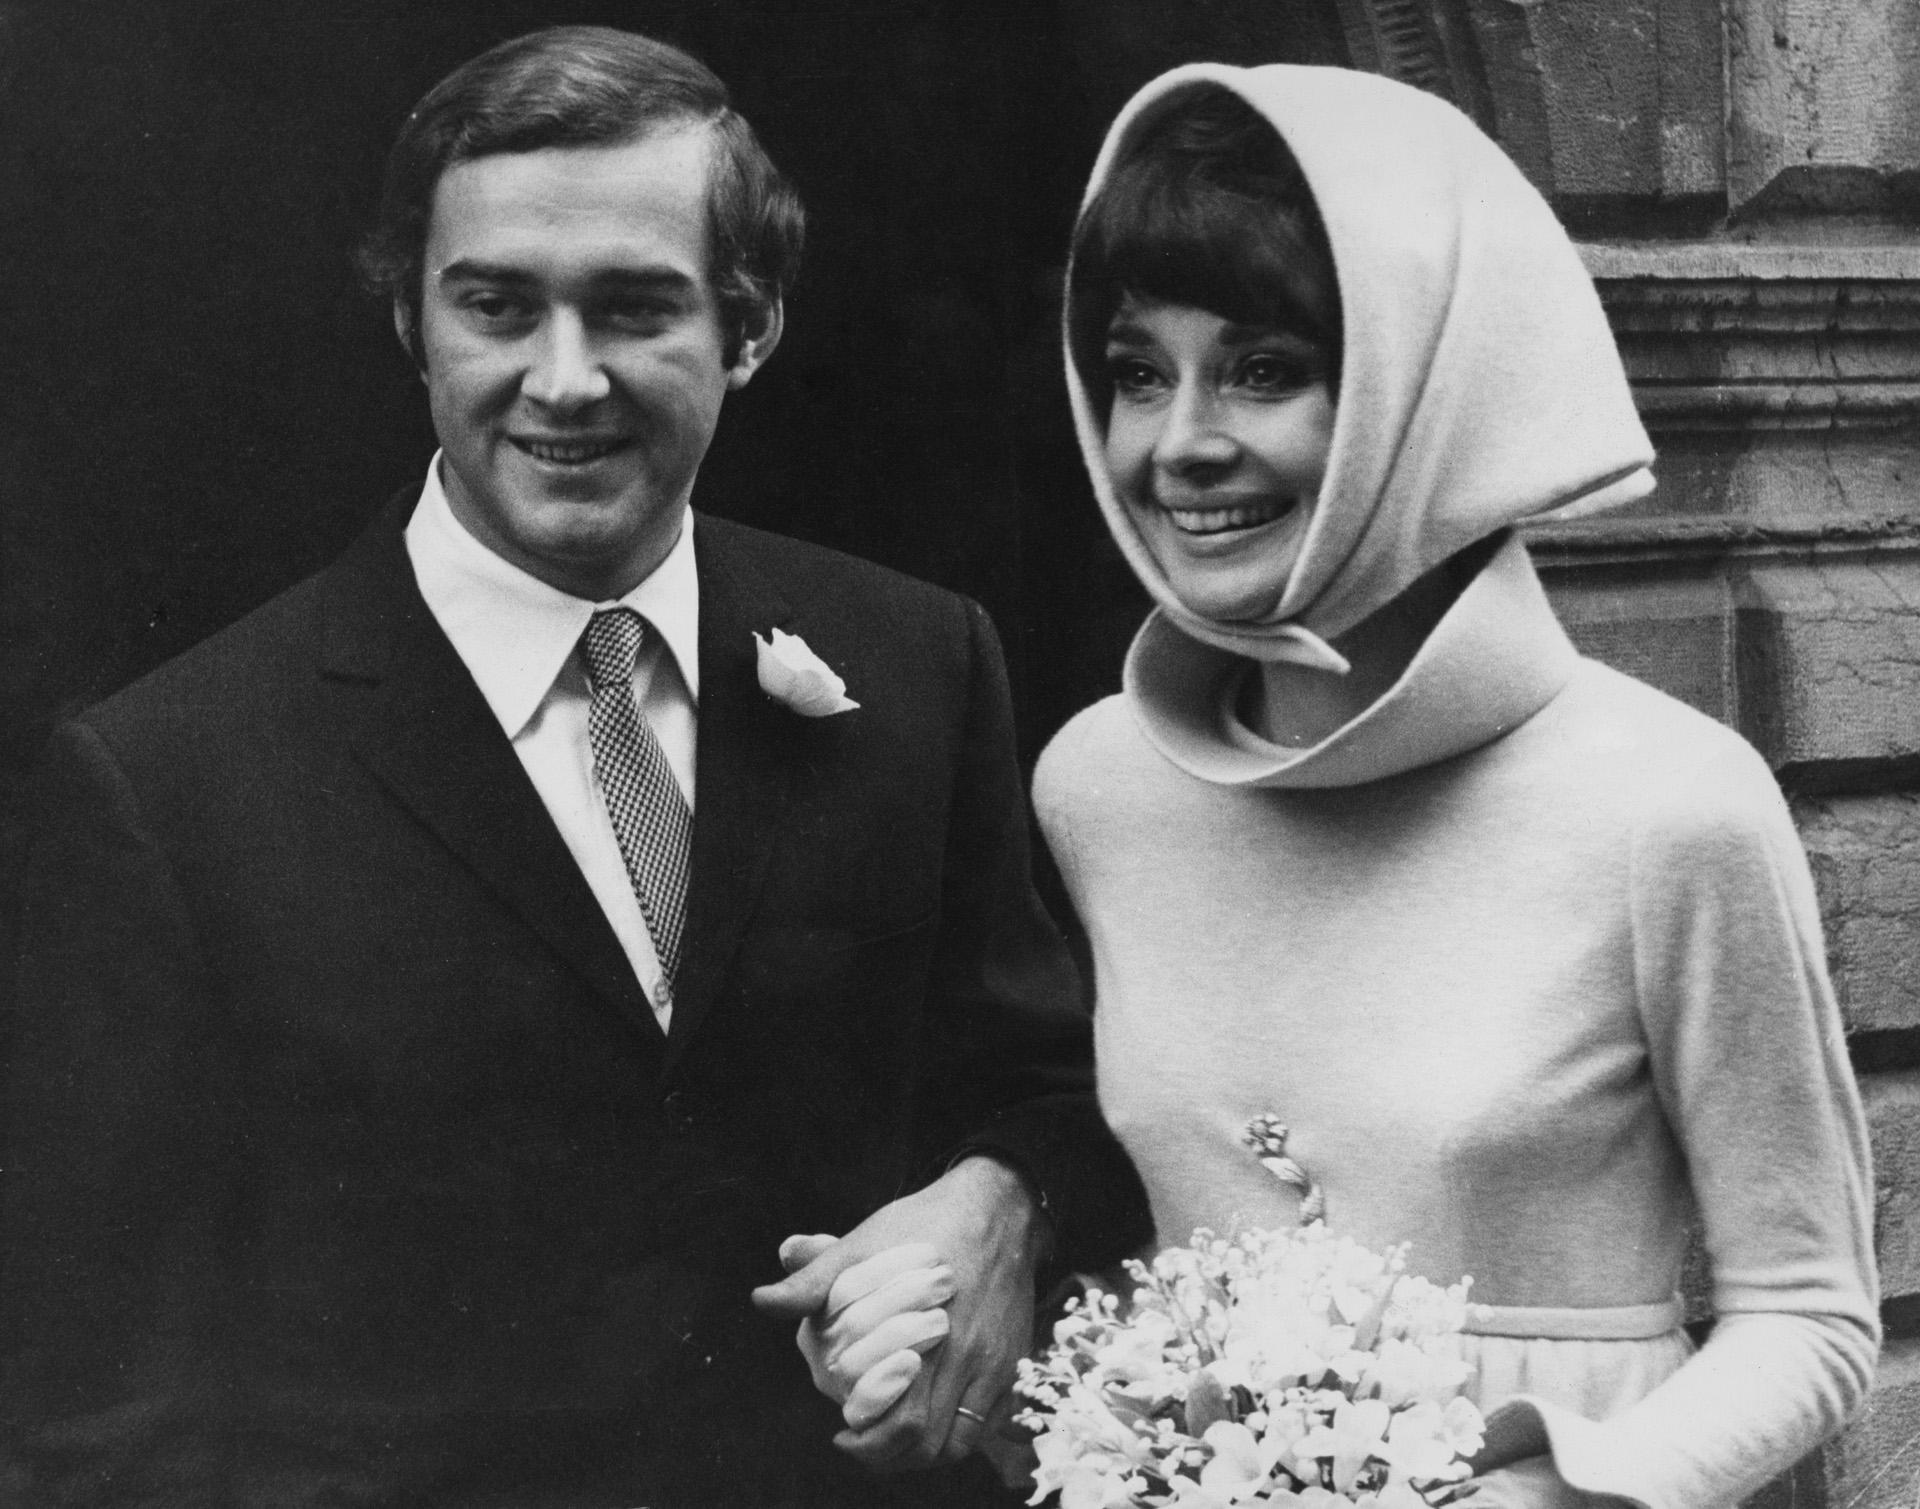 Audrey fue una de las mujeres más admiradas y, sin embargo, no fue afortunada en el amor. La actriz tuvo tres parejas y se casó dos veces, la segunda vez con psiquiatra italiano Andrea Dotti ( Daily Express/Pictorial Parade/Archive Photos/Getty Images)